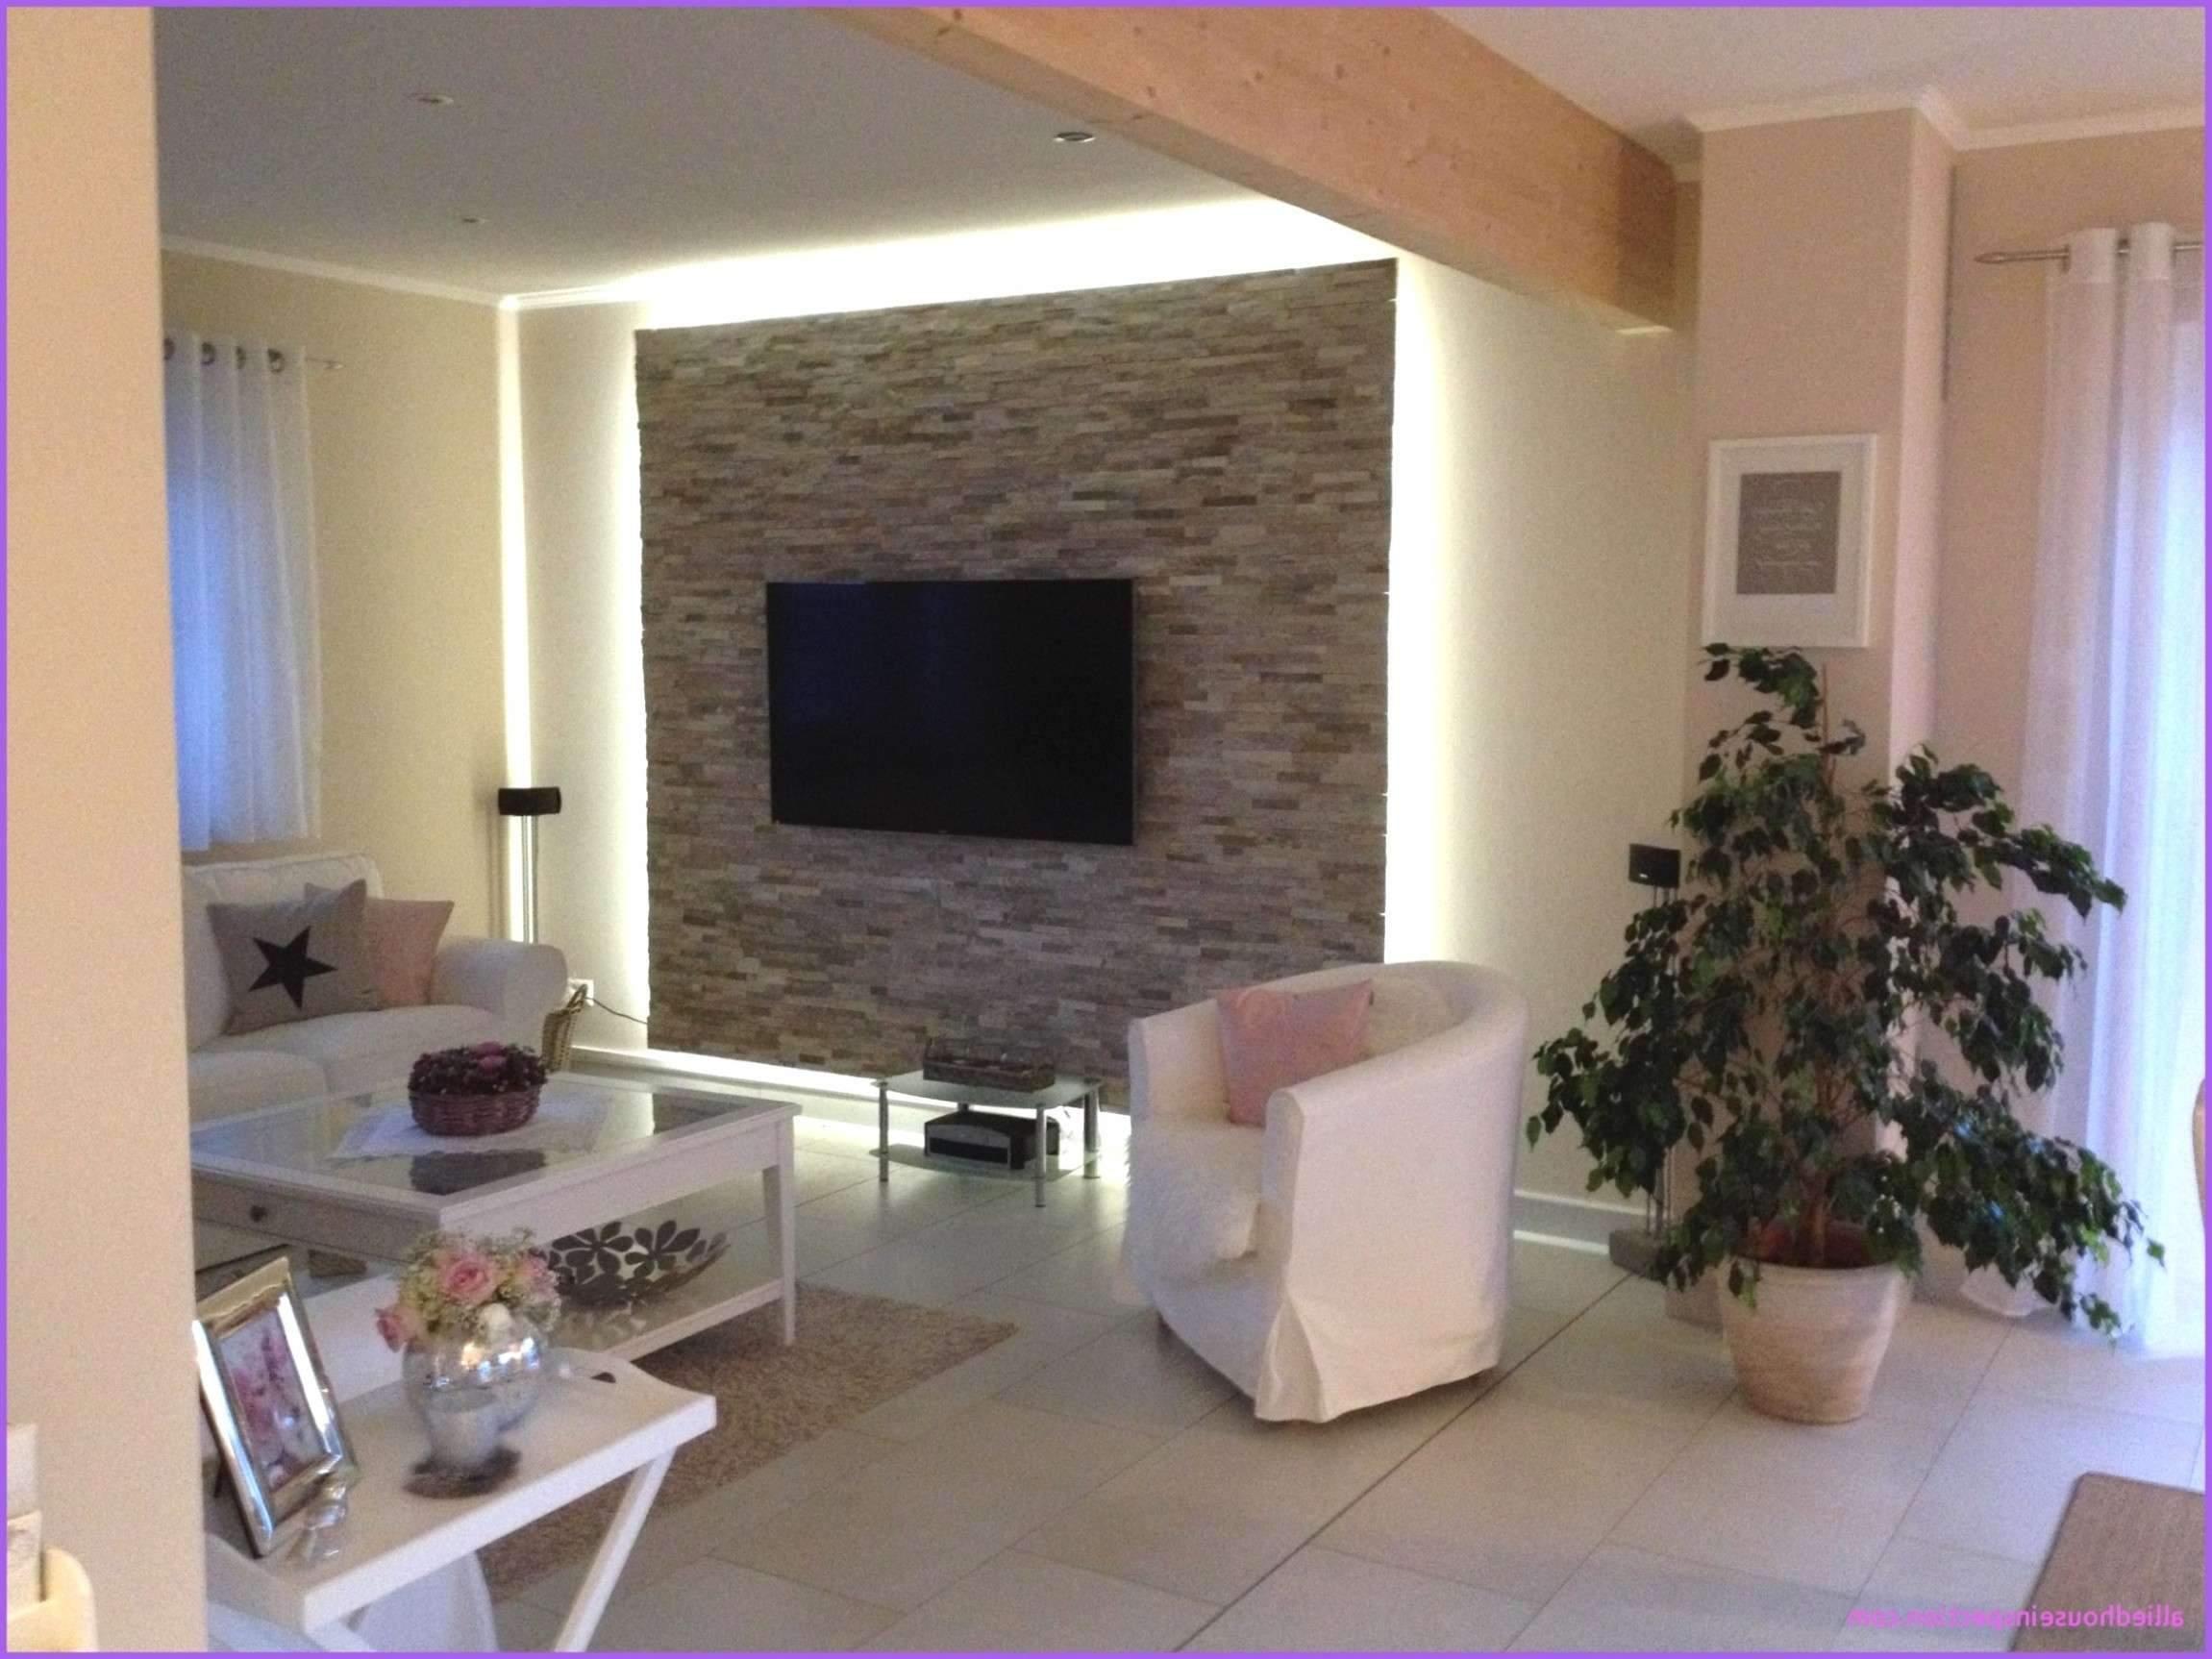 wohnzimmer graue wand luxus wohnzimmer wand design neu tapeten wohnzimmer ideen of wohnzimmer graue wand